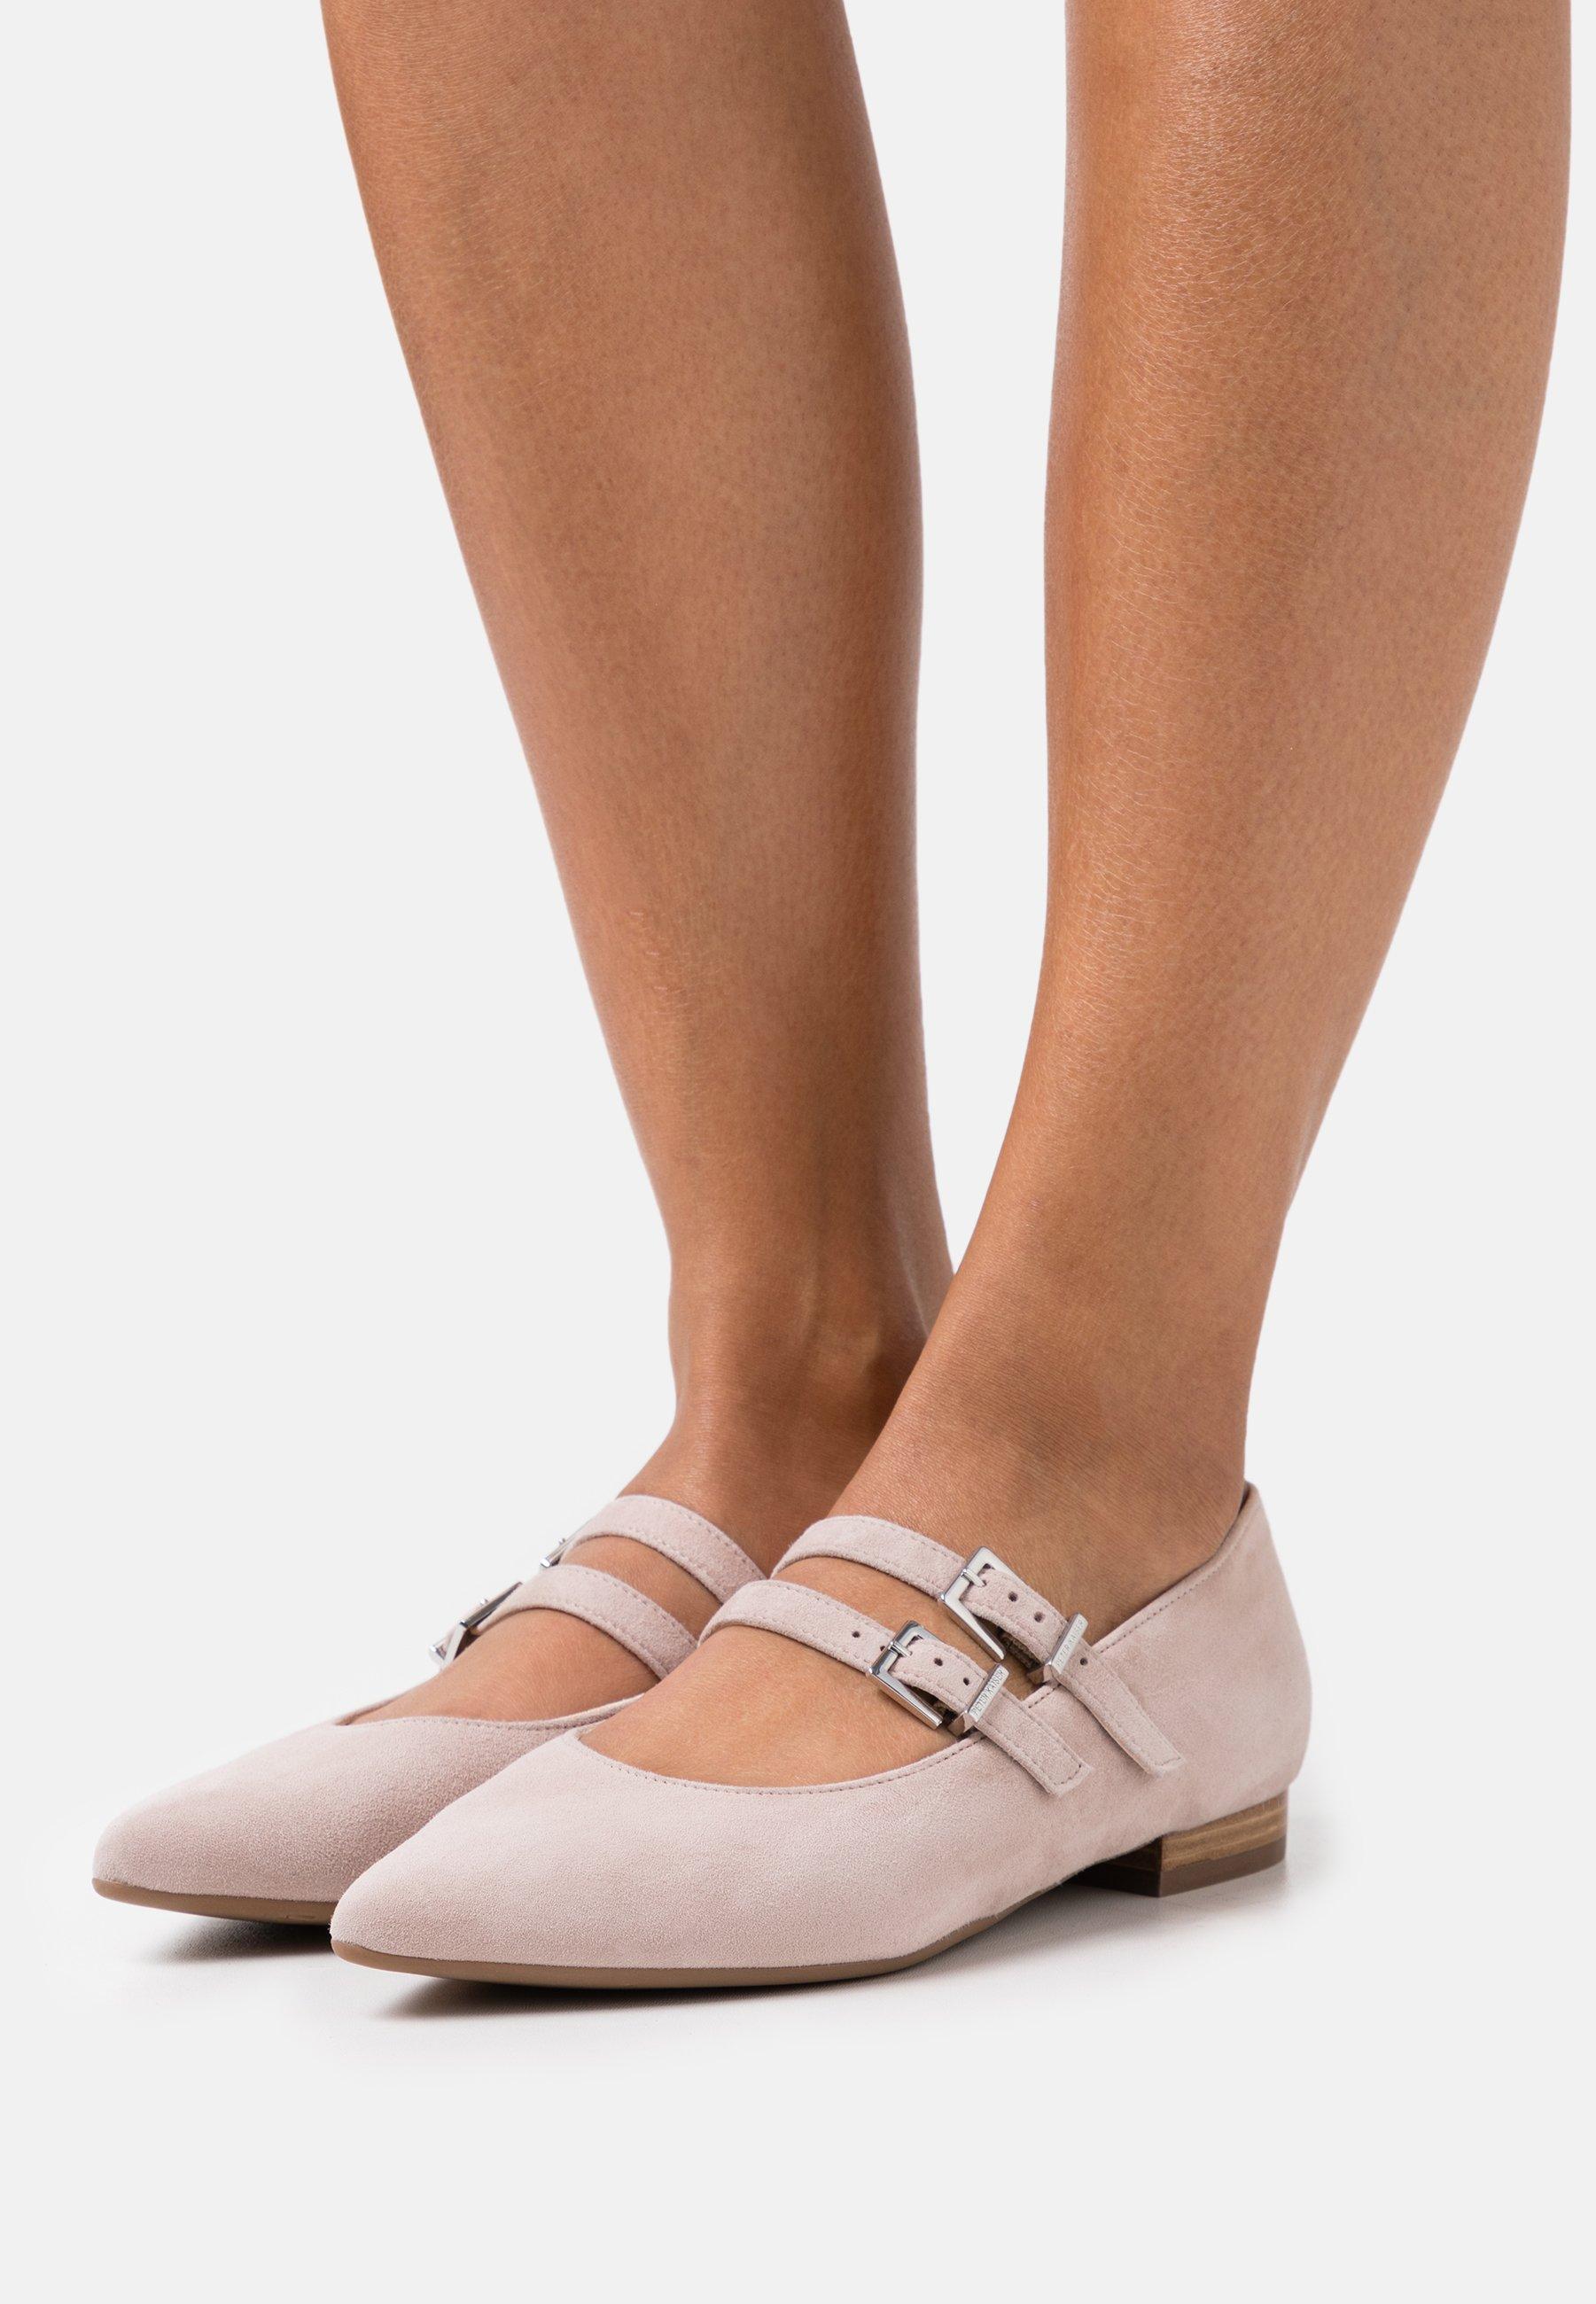 Women TACOMA - Ankle strap ballet pumps - mauve